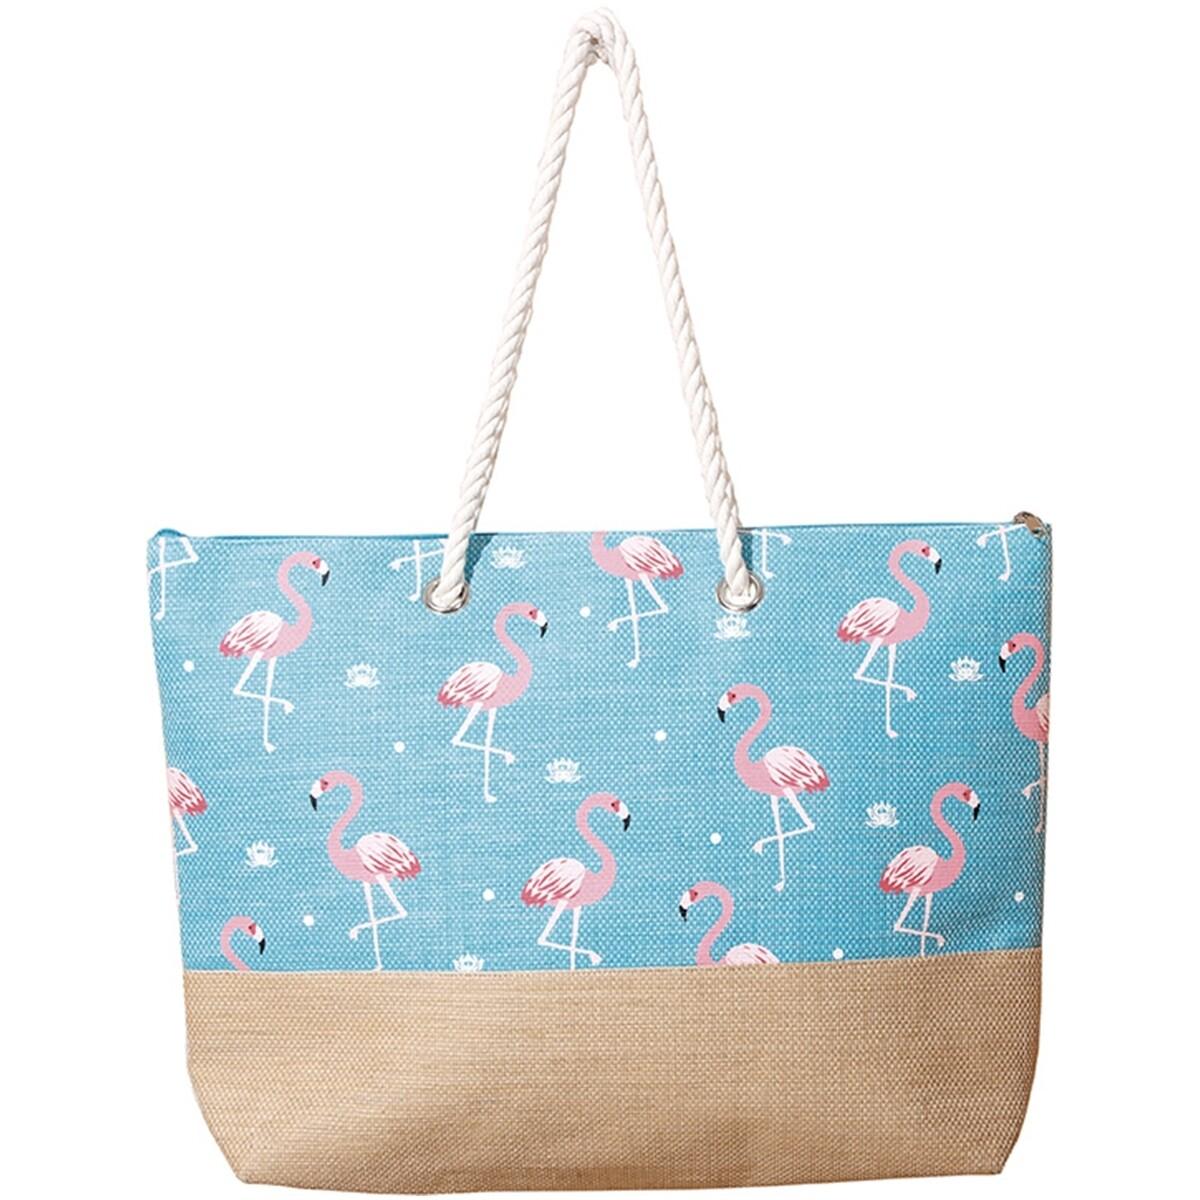 Τσάντα Σταμπωτή Flamingo 45Χ45 εκ. 2924 L  - Ilis Home